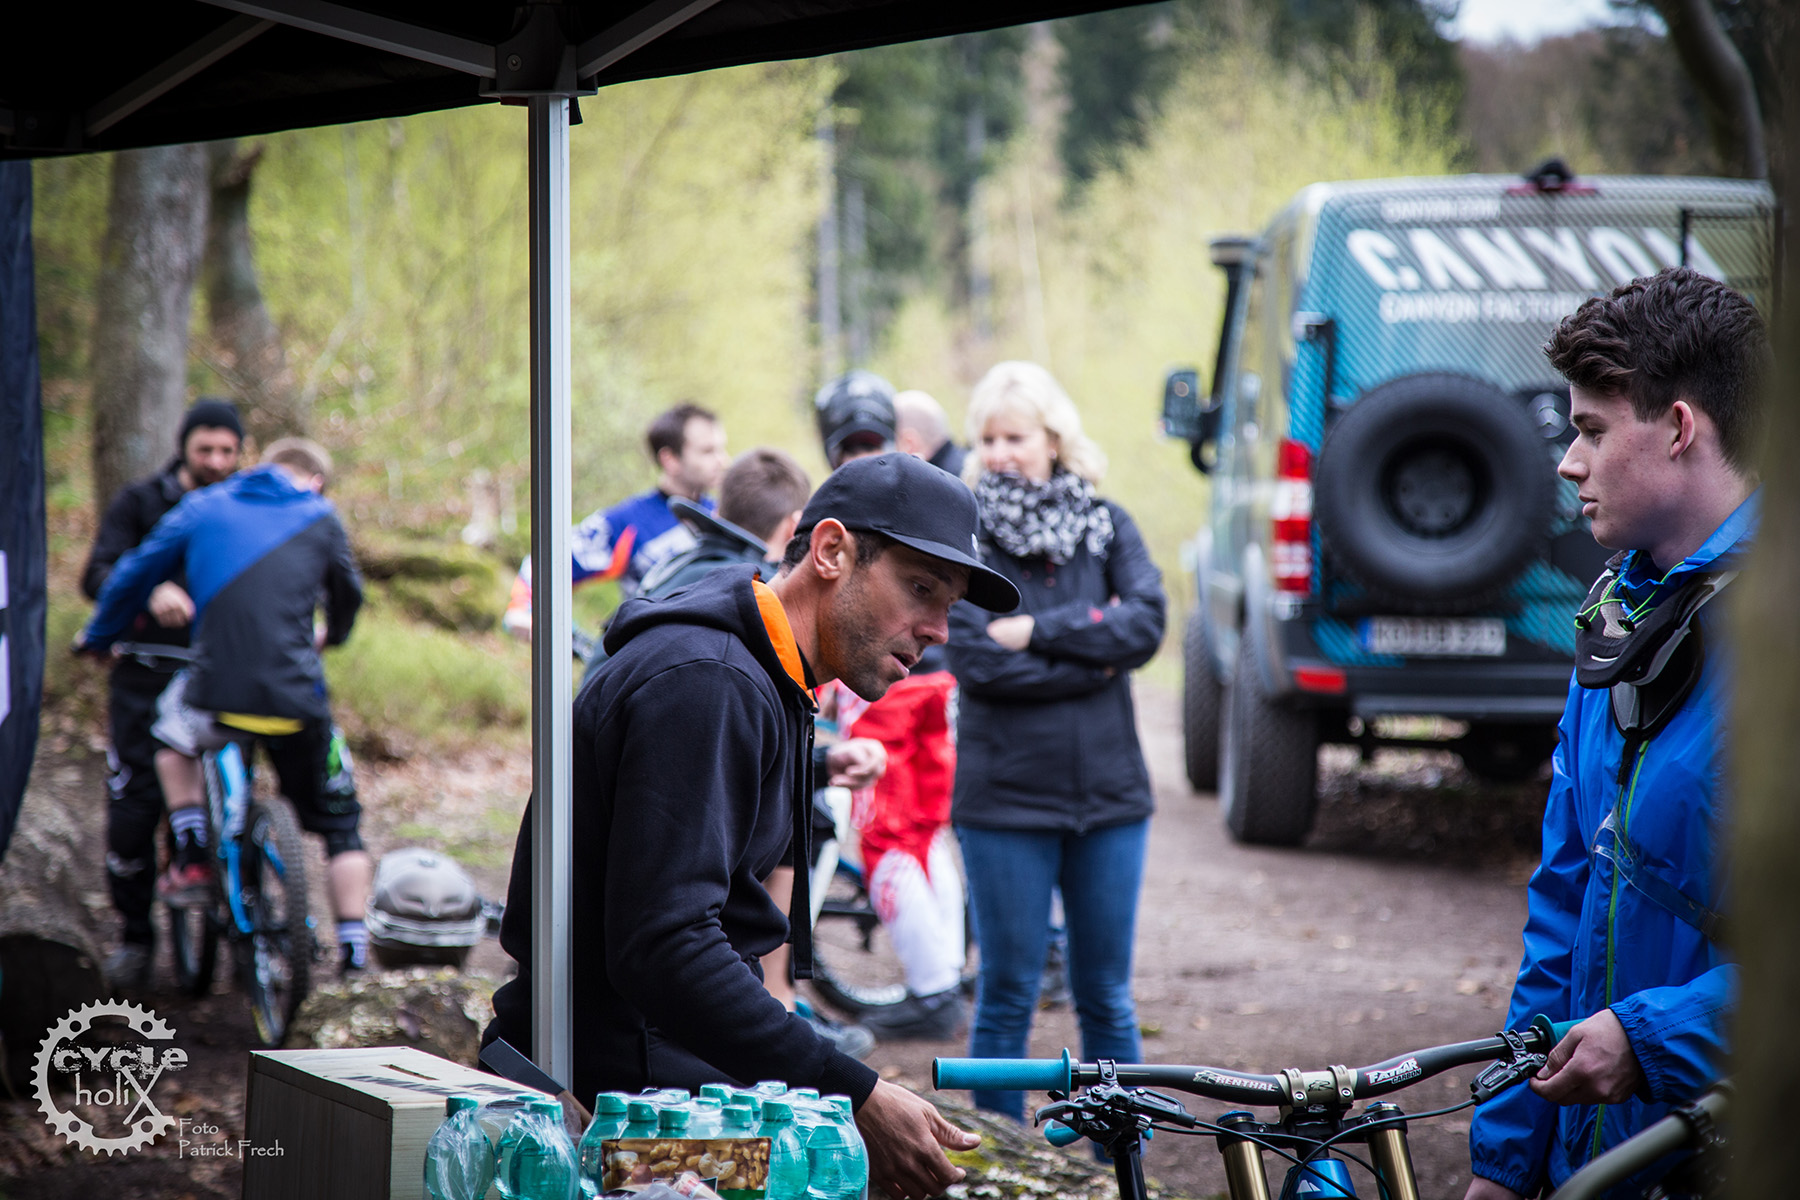 Fabien Barel nahm sich sogar Zeit die Bikes auf persönliche Bedürfnisse einzustellen